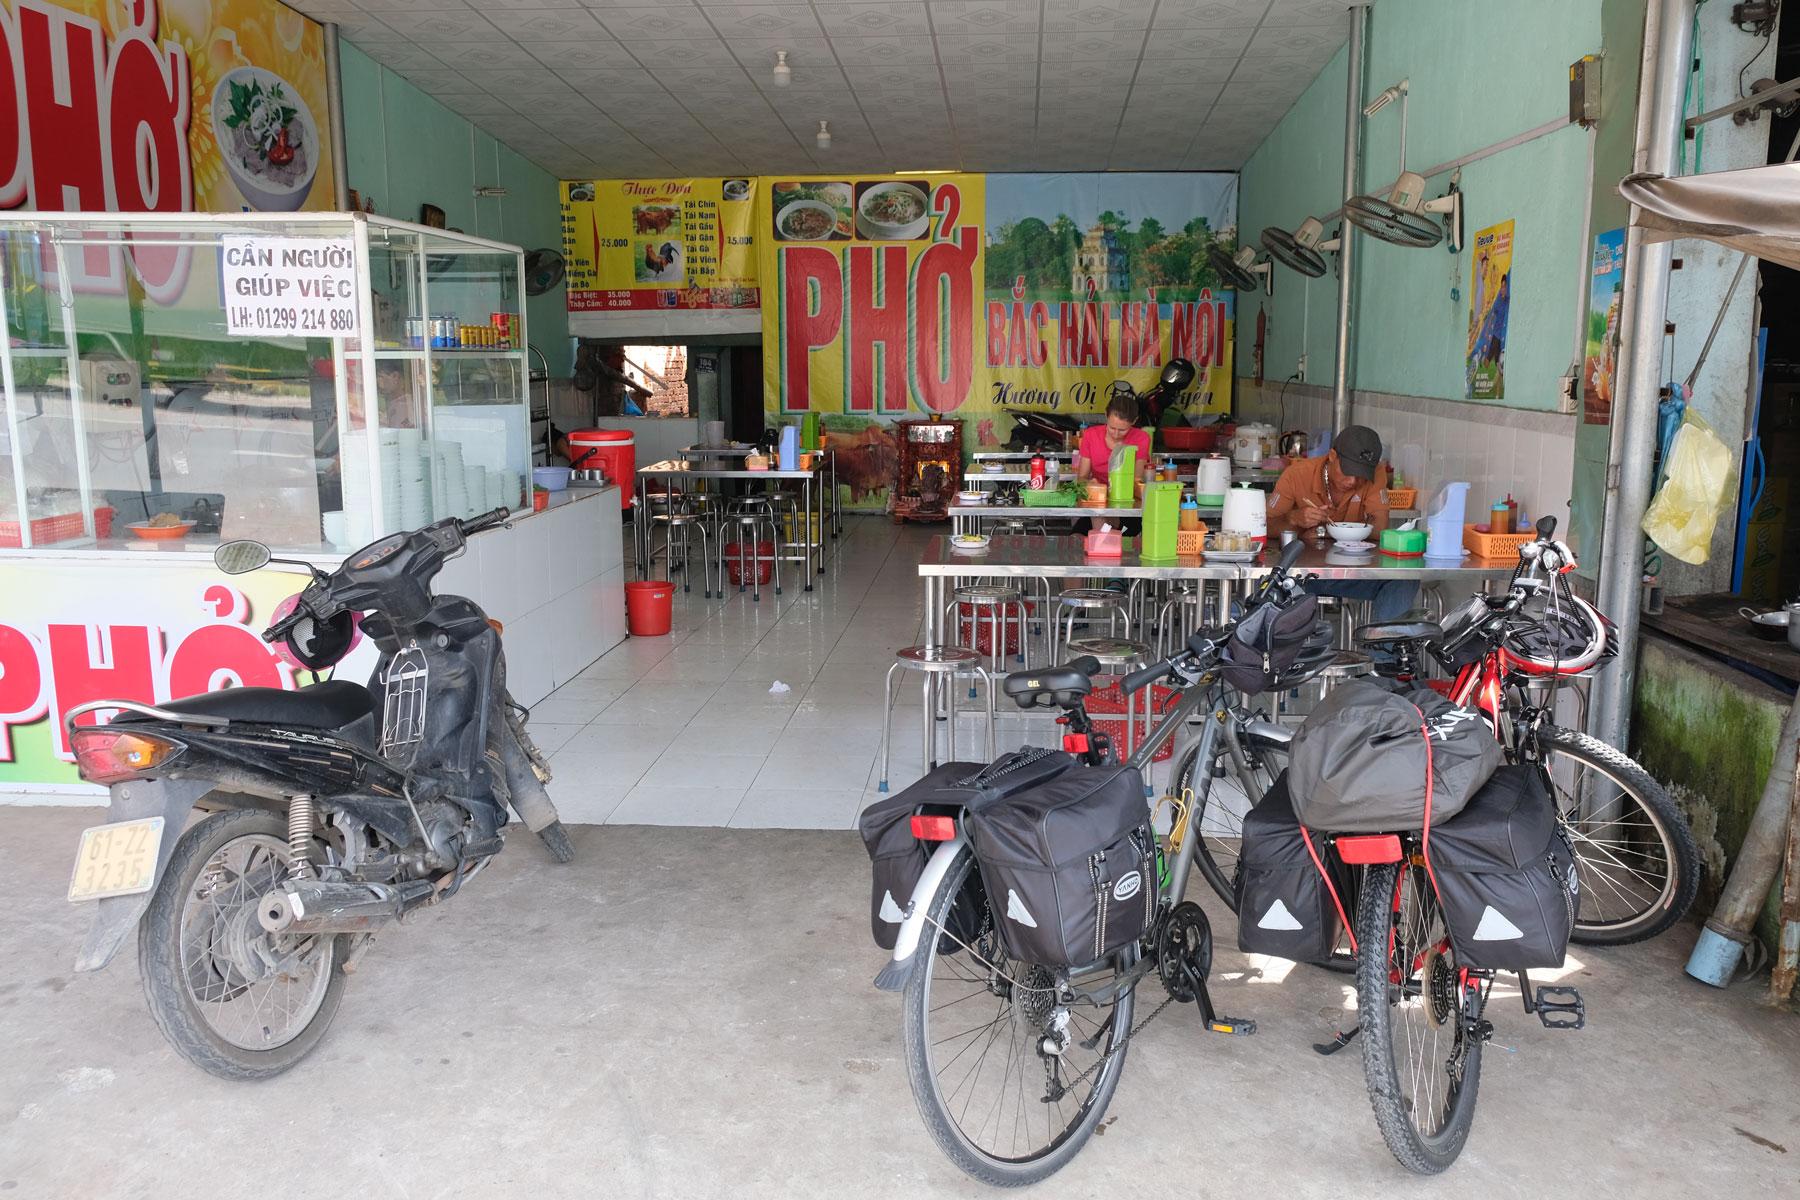 Leo sitzt in einem kleinen Pho-Restaurant, die beiden Fahrräder stehen draußen vor der Türe.